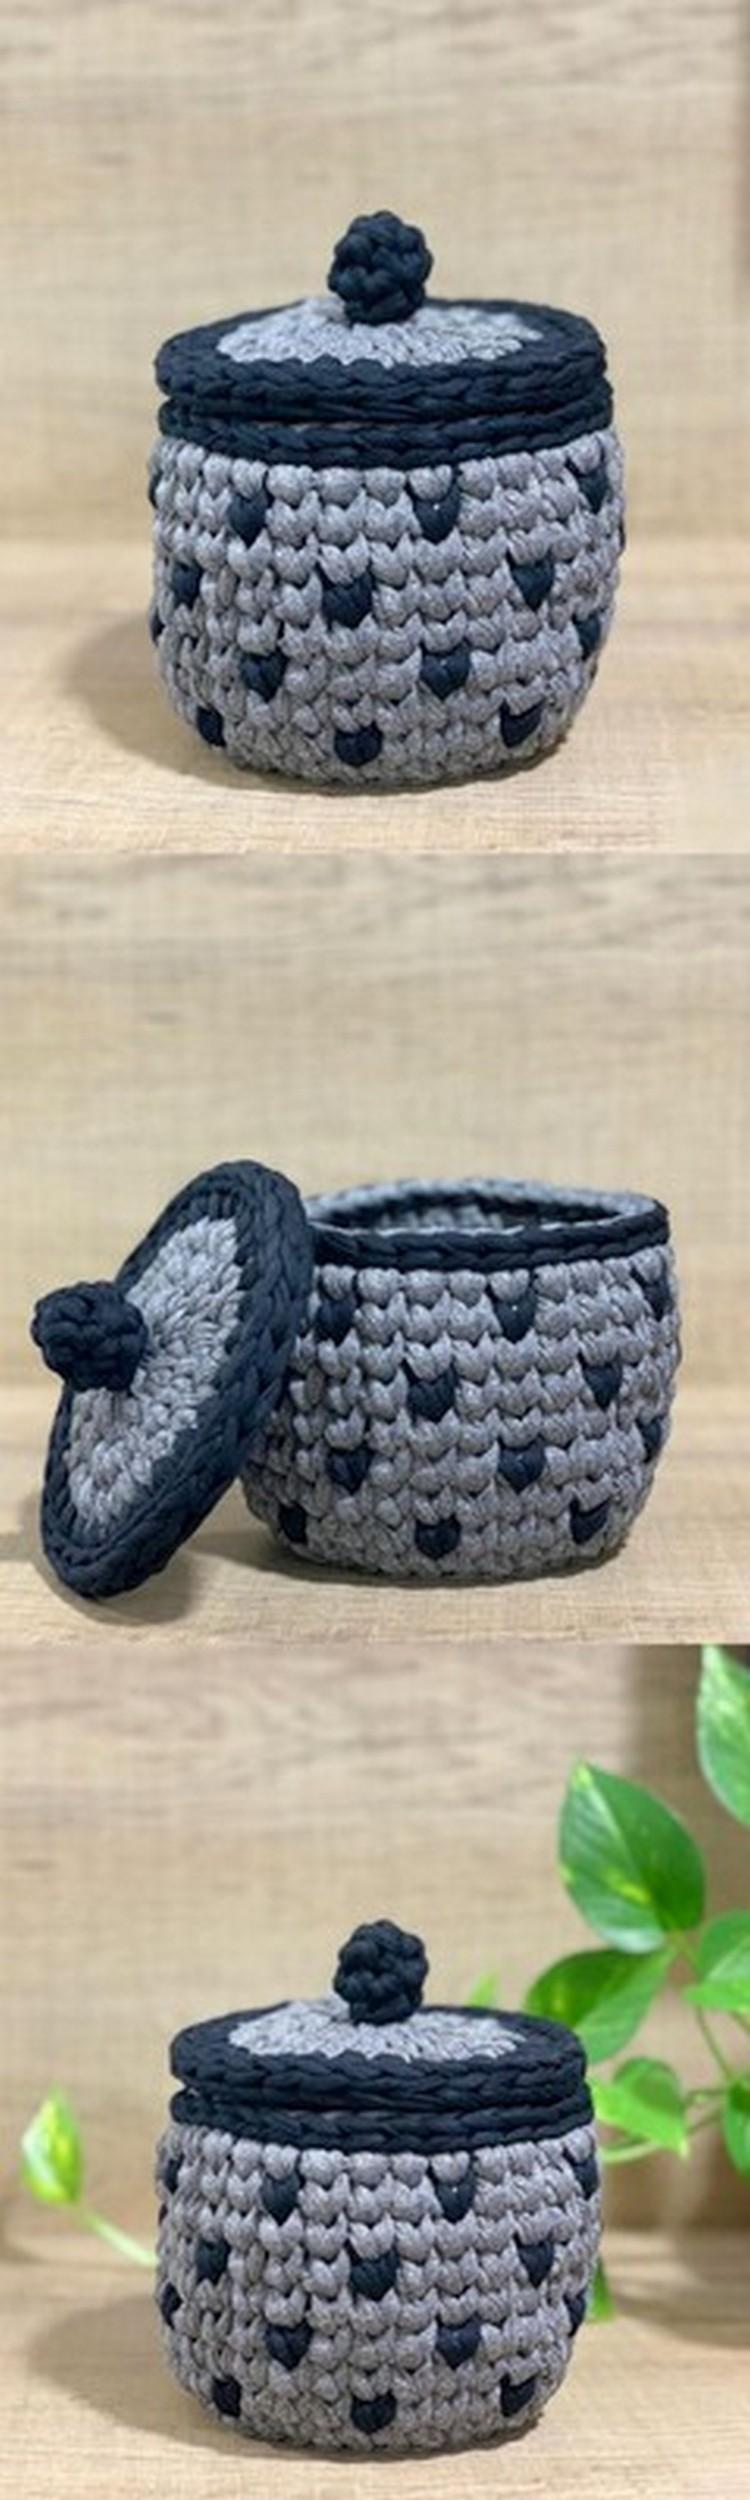 Small Crochet Jar Free Crochet pattern